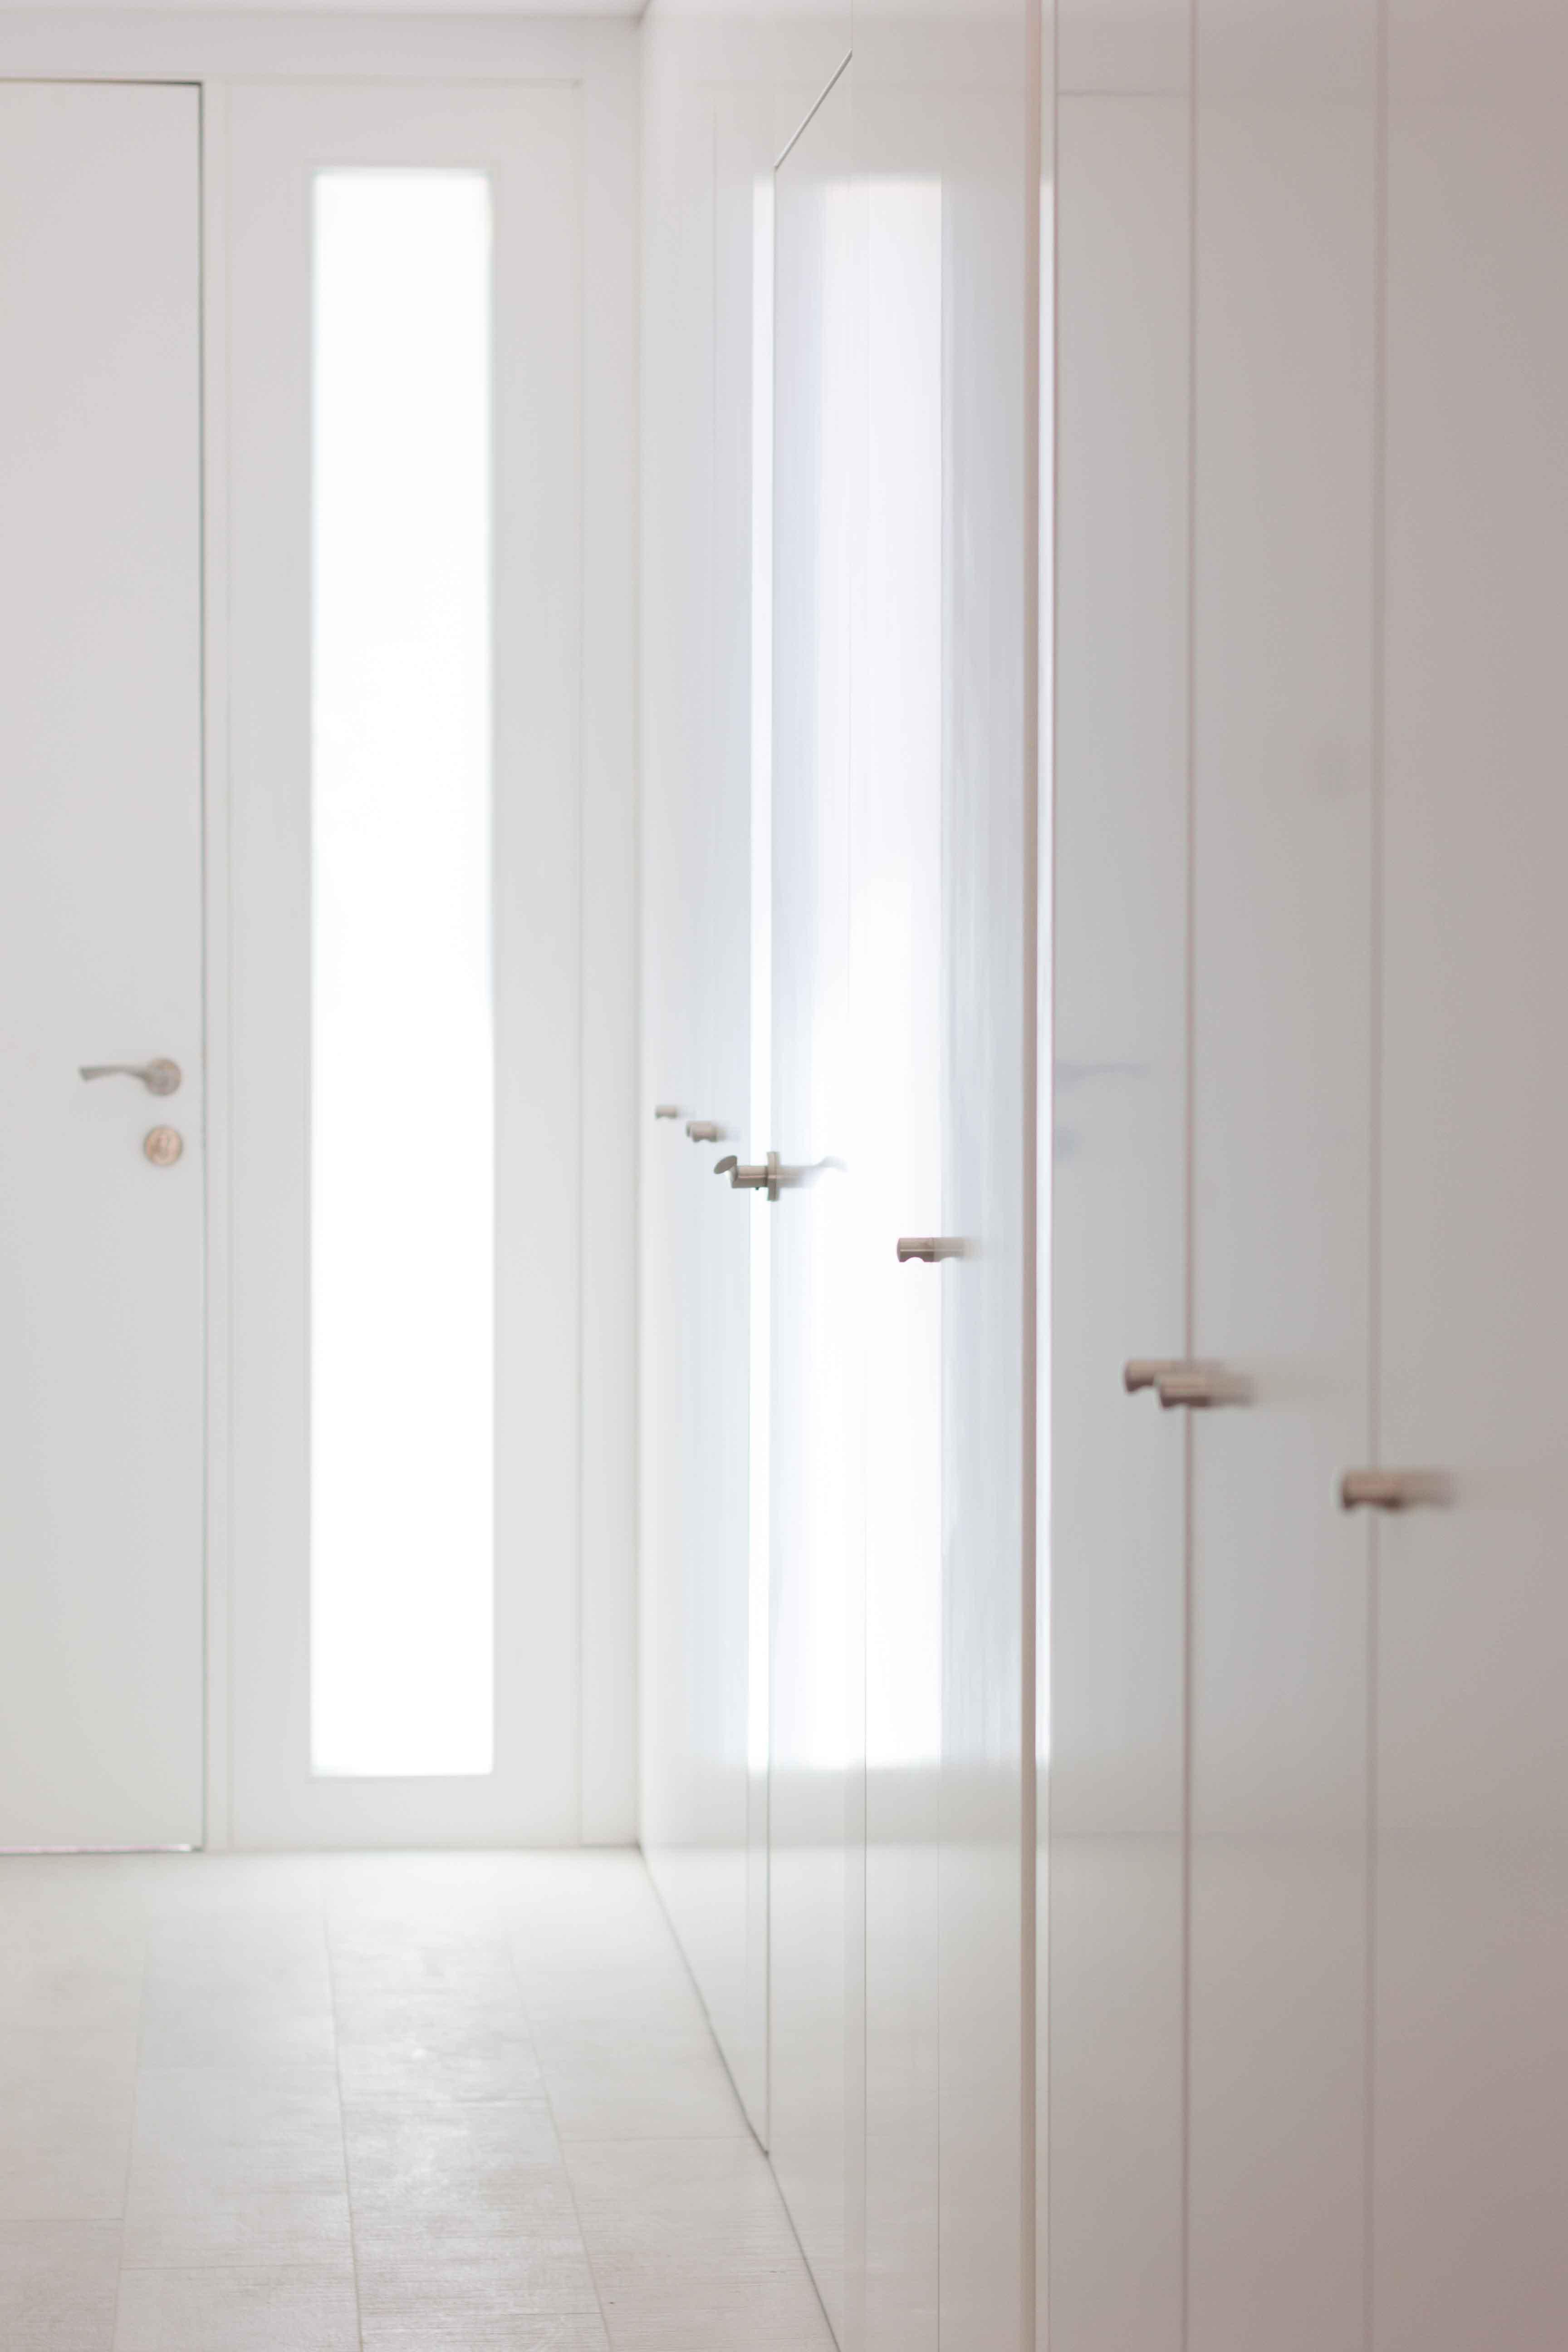 Recibidor con luz natural y armario blanco minimalista low cost en reforma de casa. Chiralt Arquitectos Valencia.